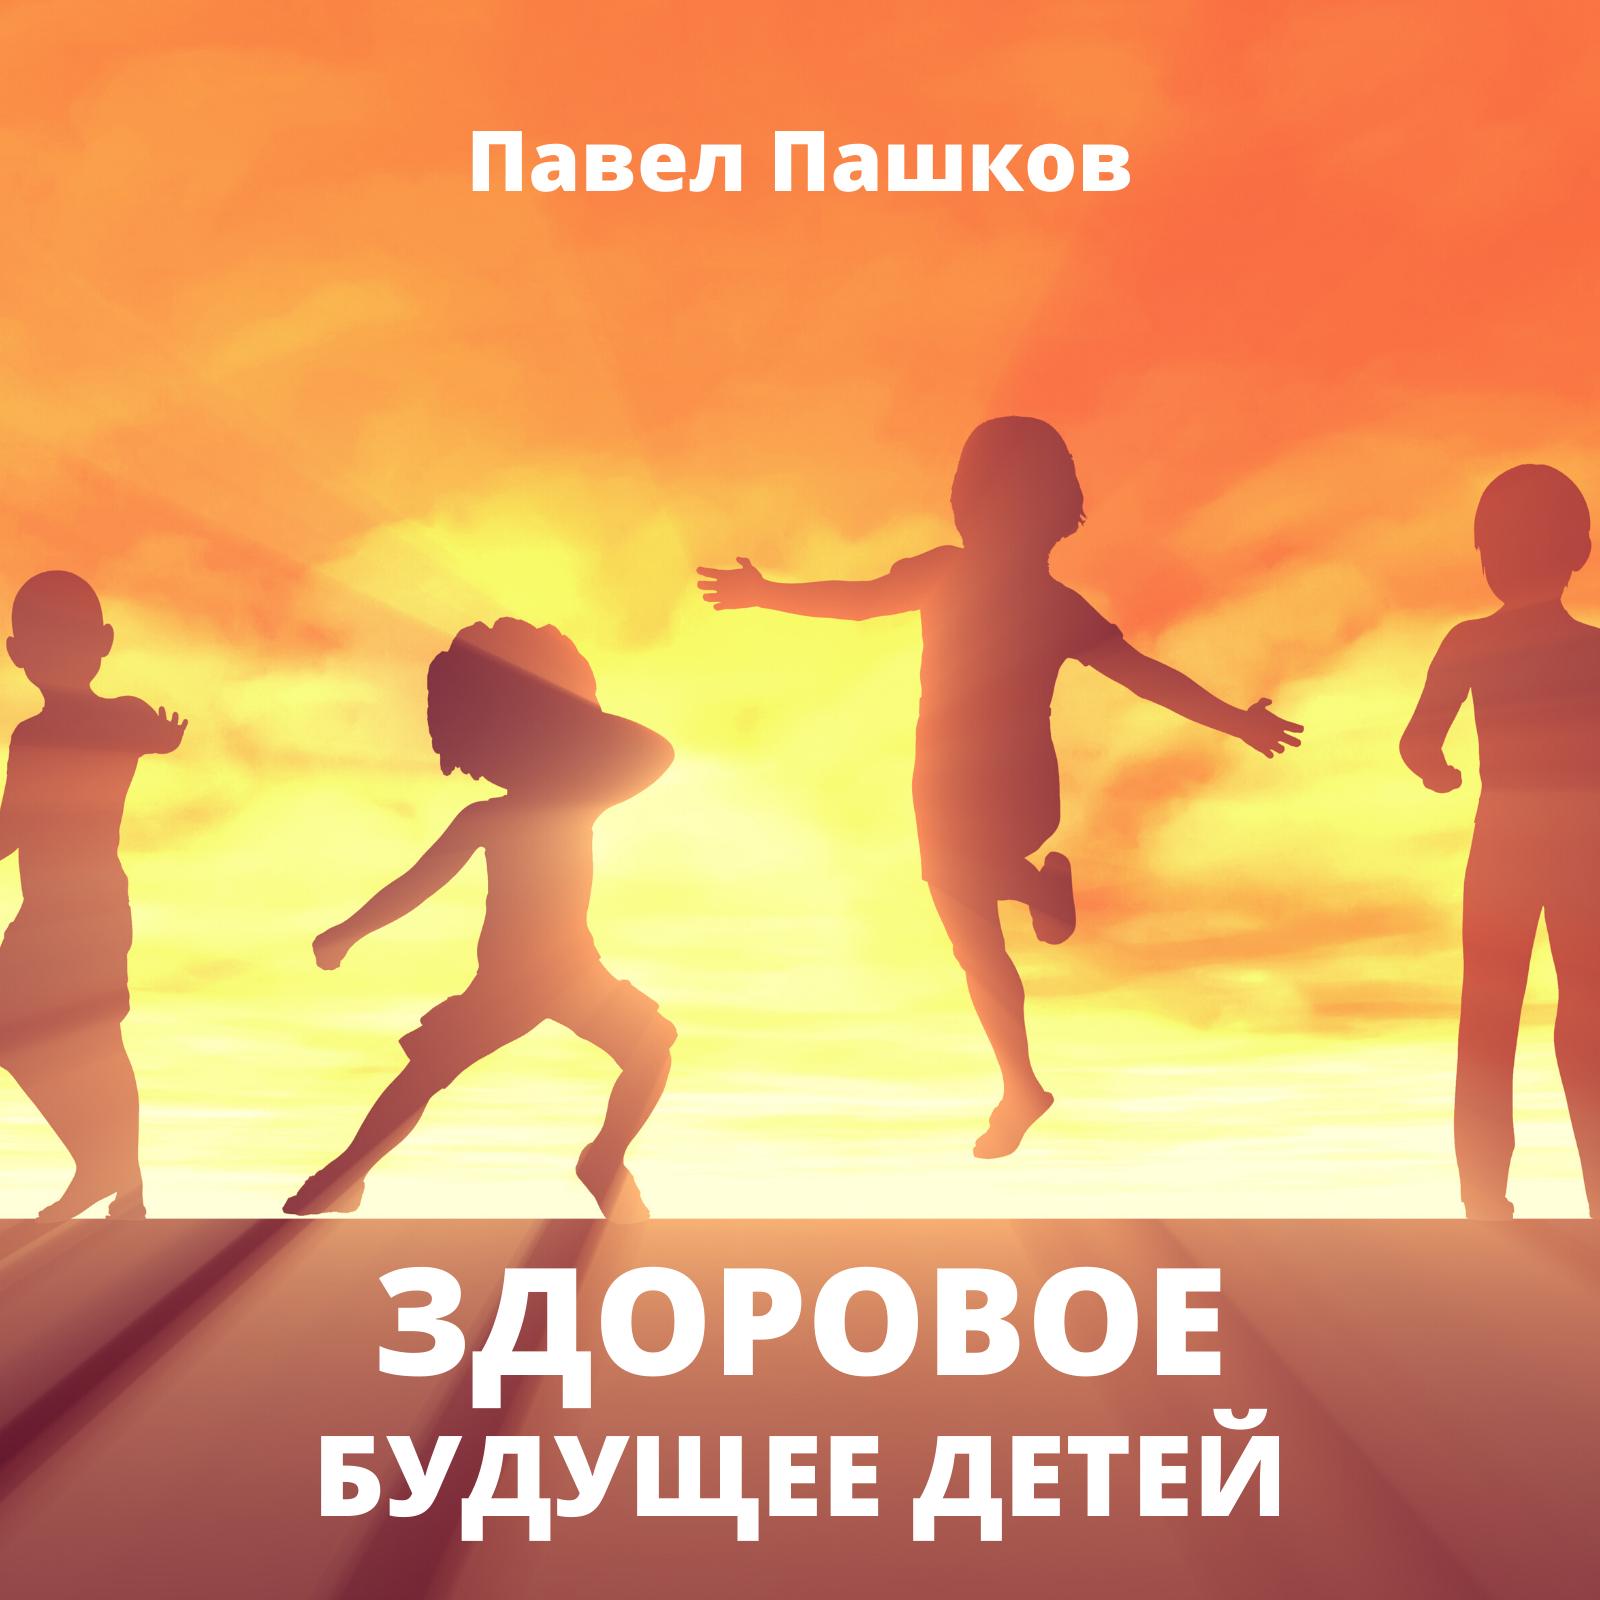 Здоровое будущее детей!